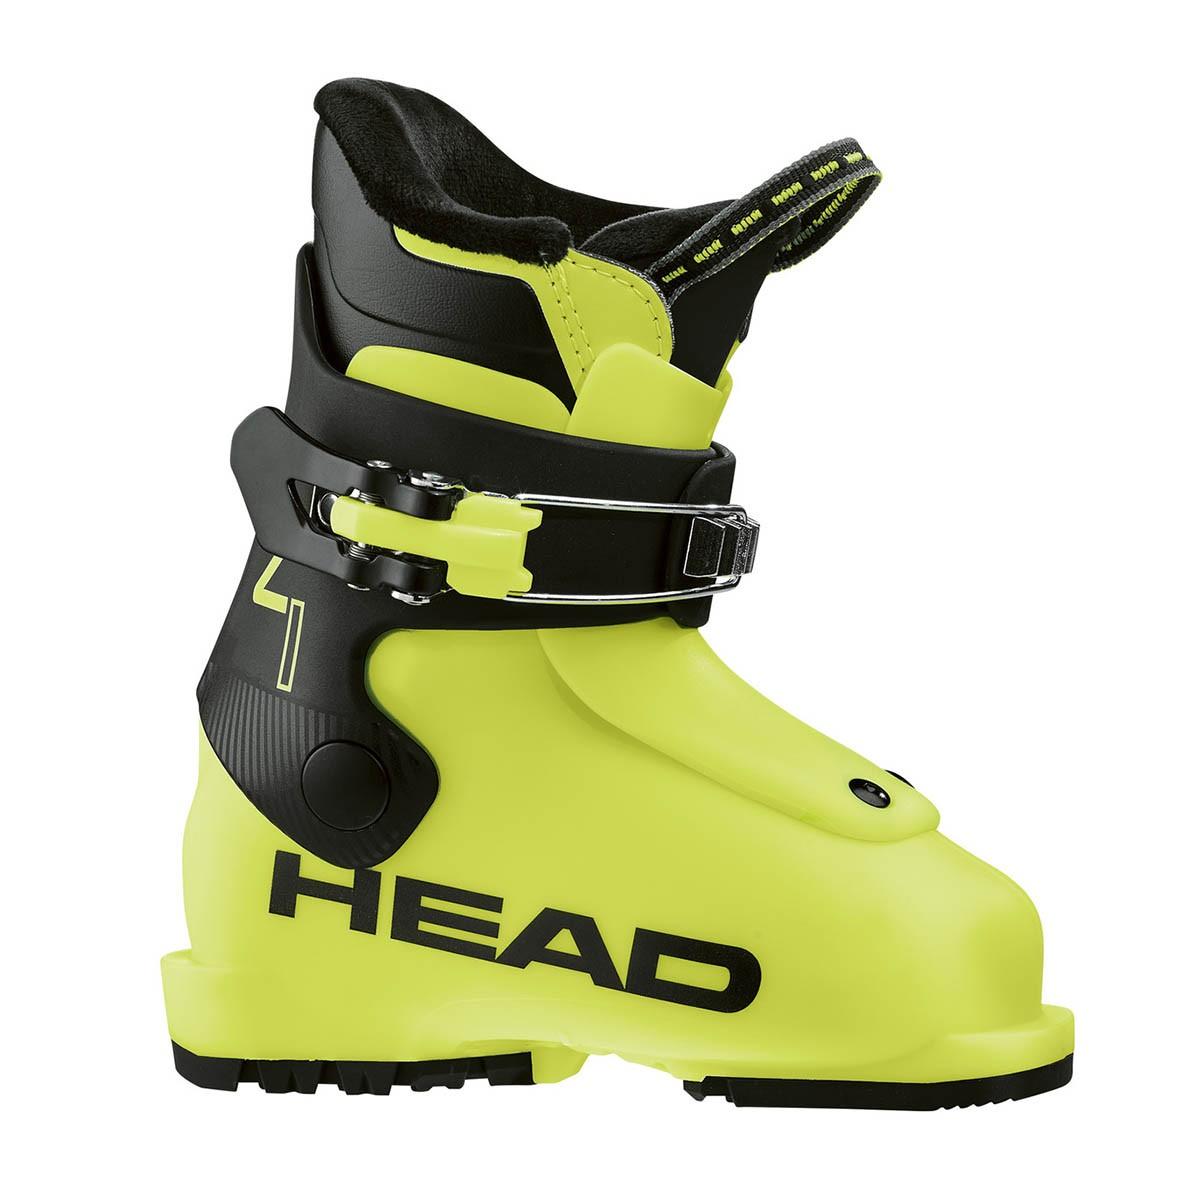 Scarponi sci Head Z1 (Colore: giallo nero, Taglia: 18.5)